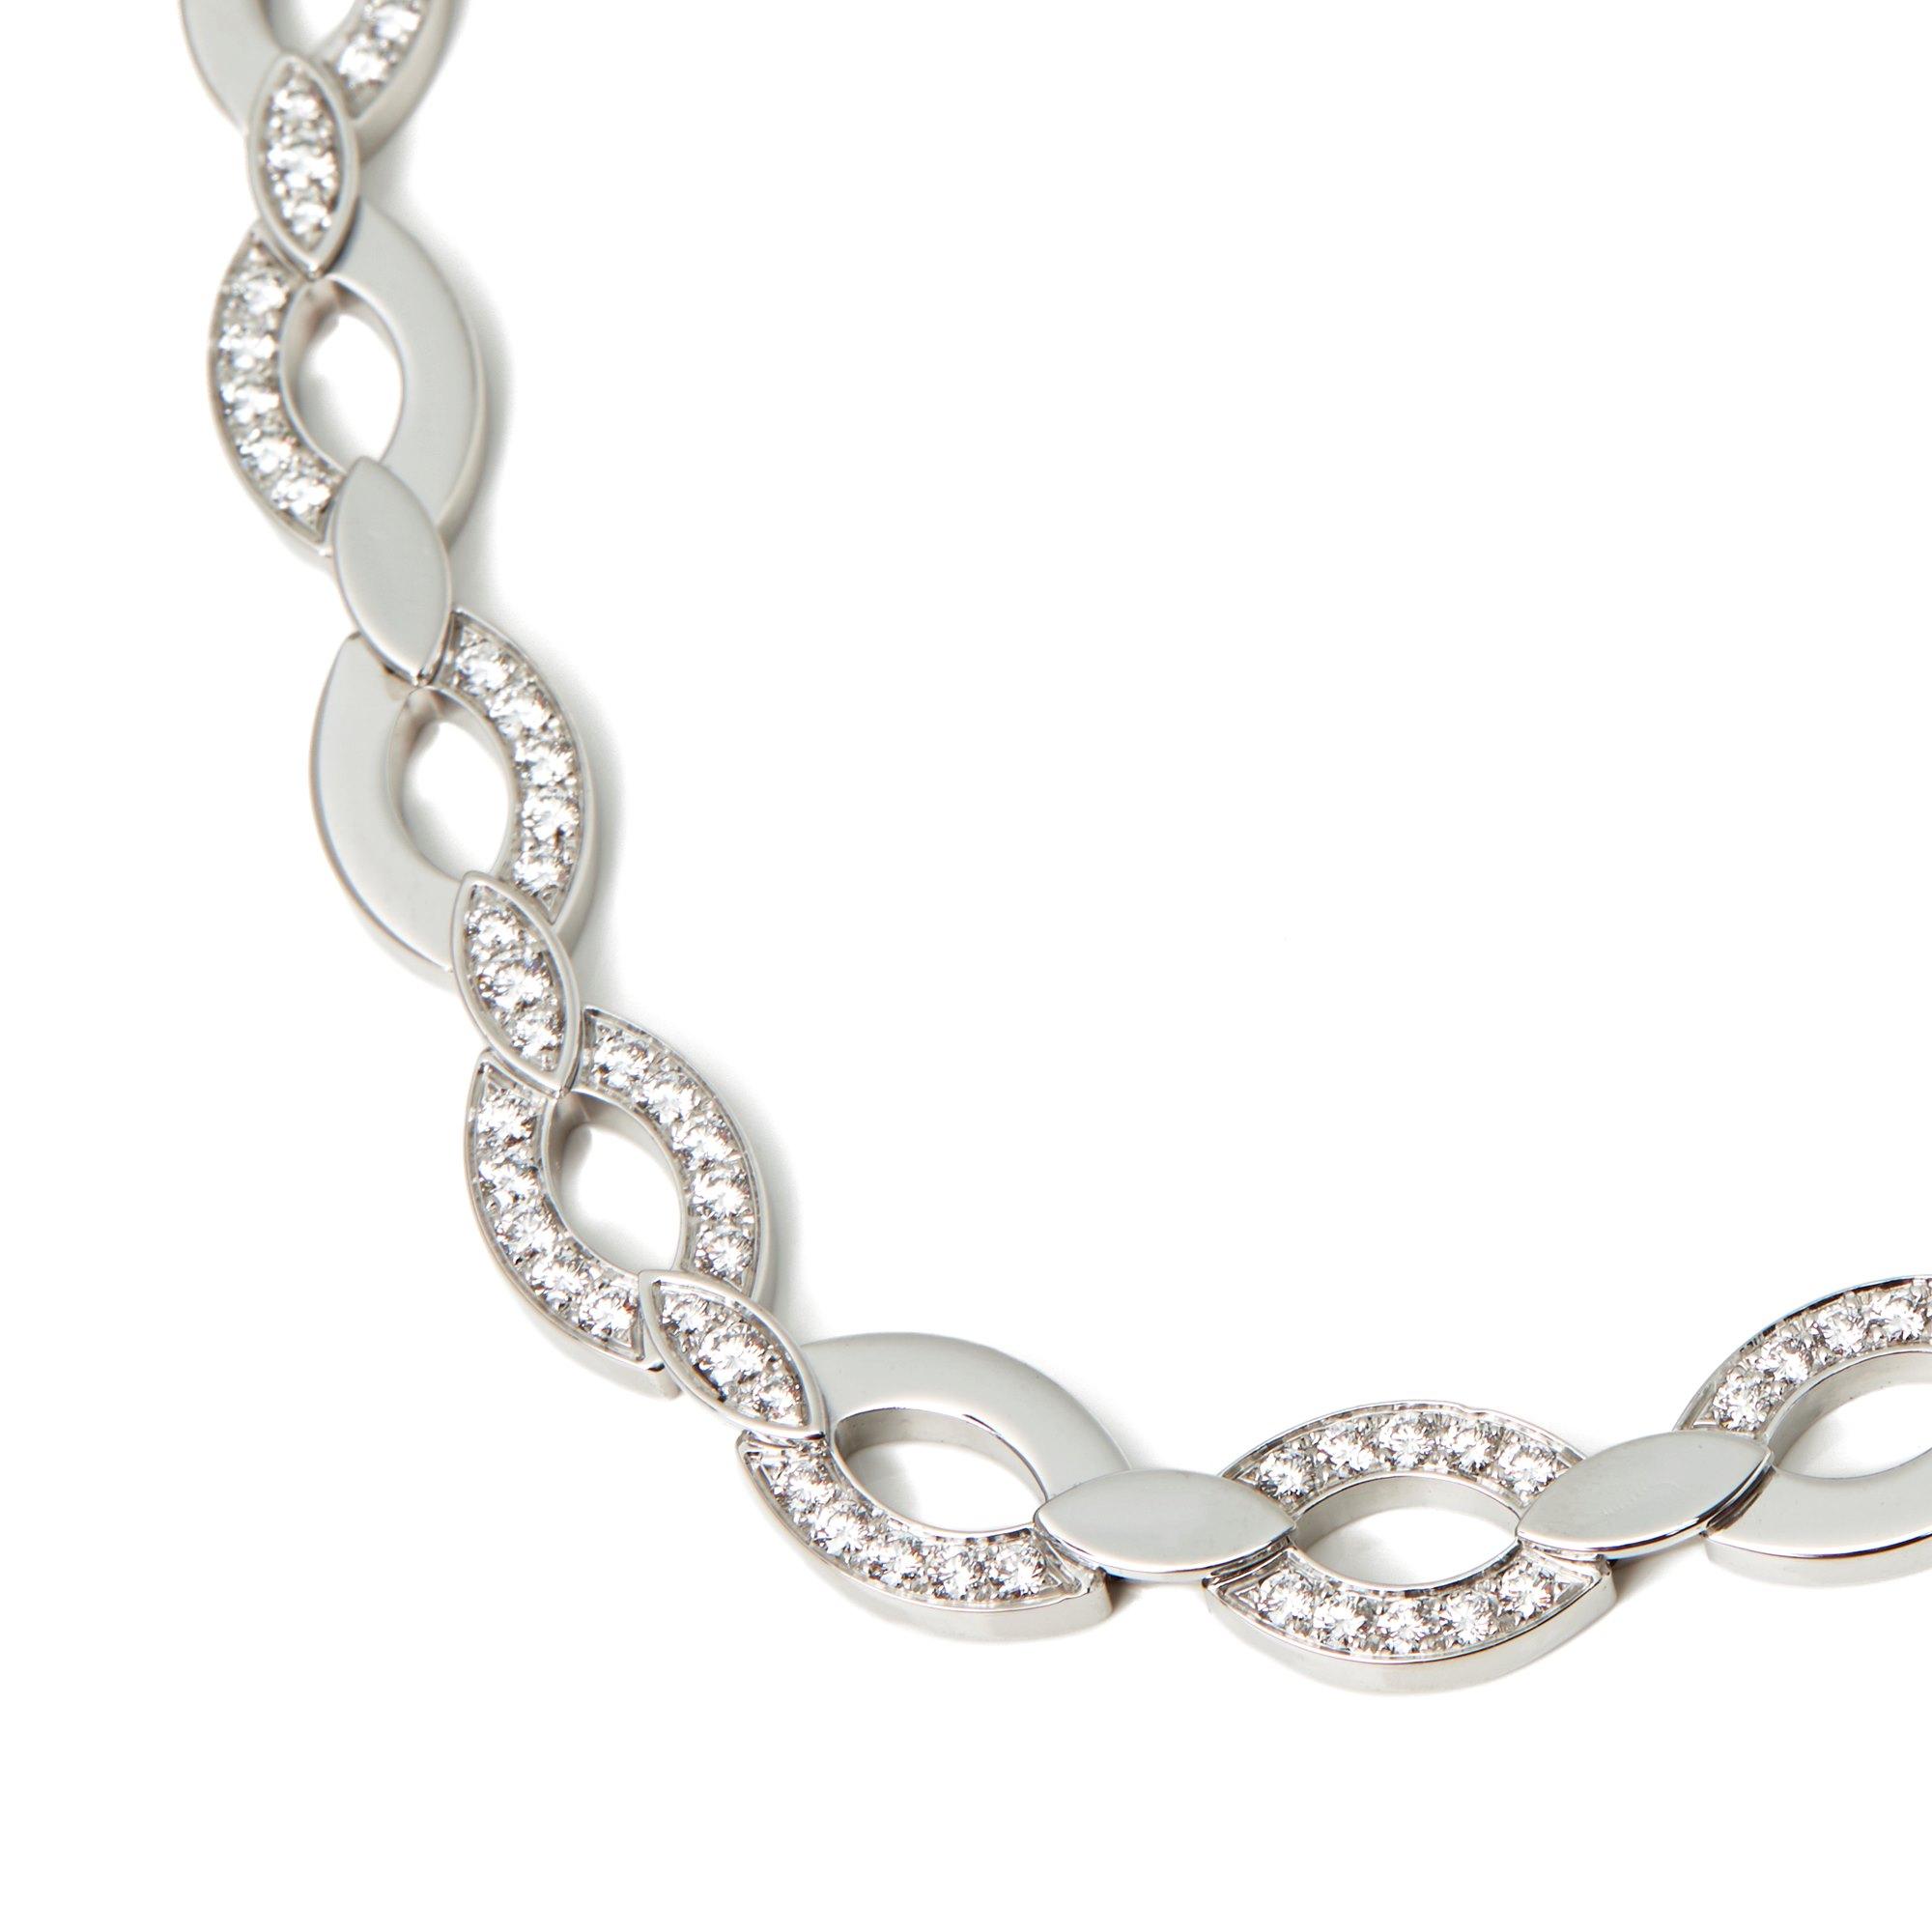 Cartier 18k White Gold Diamond Diadea Necklace